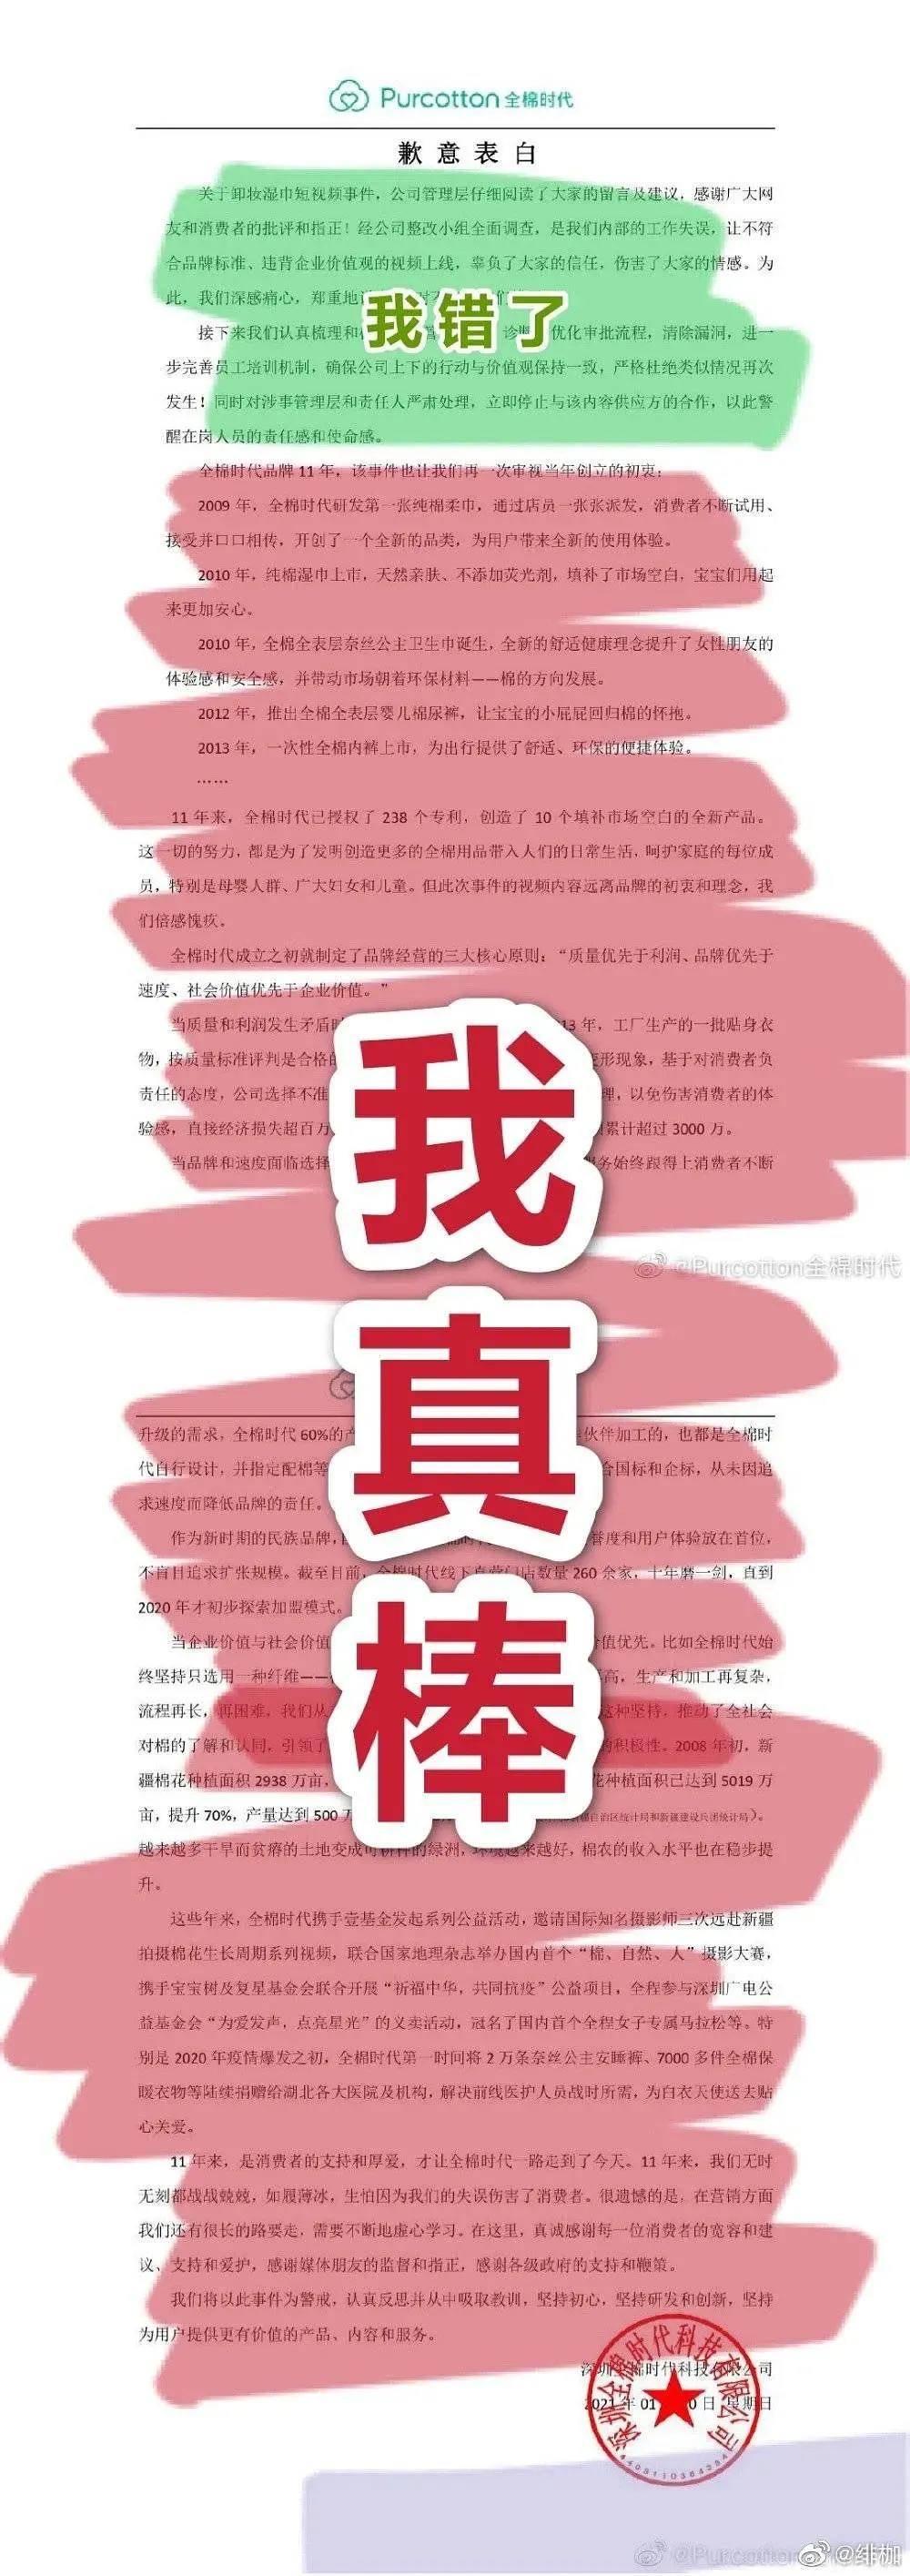 鸟哥笔记,广告文案,搬砖精神爽,文案写作技巧,热点,文案,内容营销,热点,文案